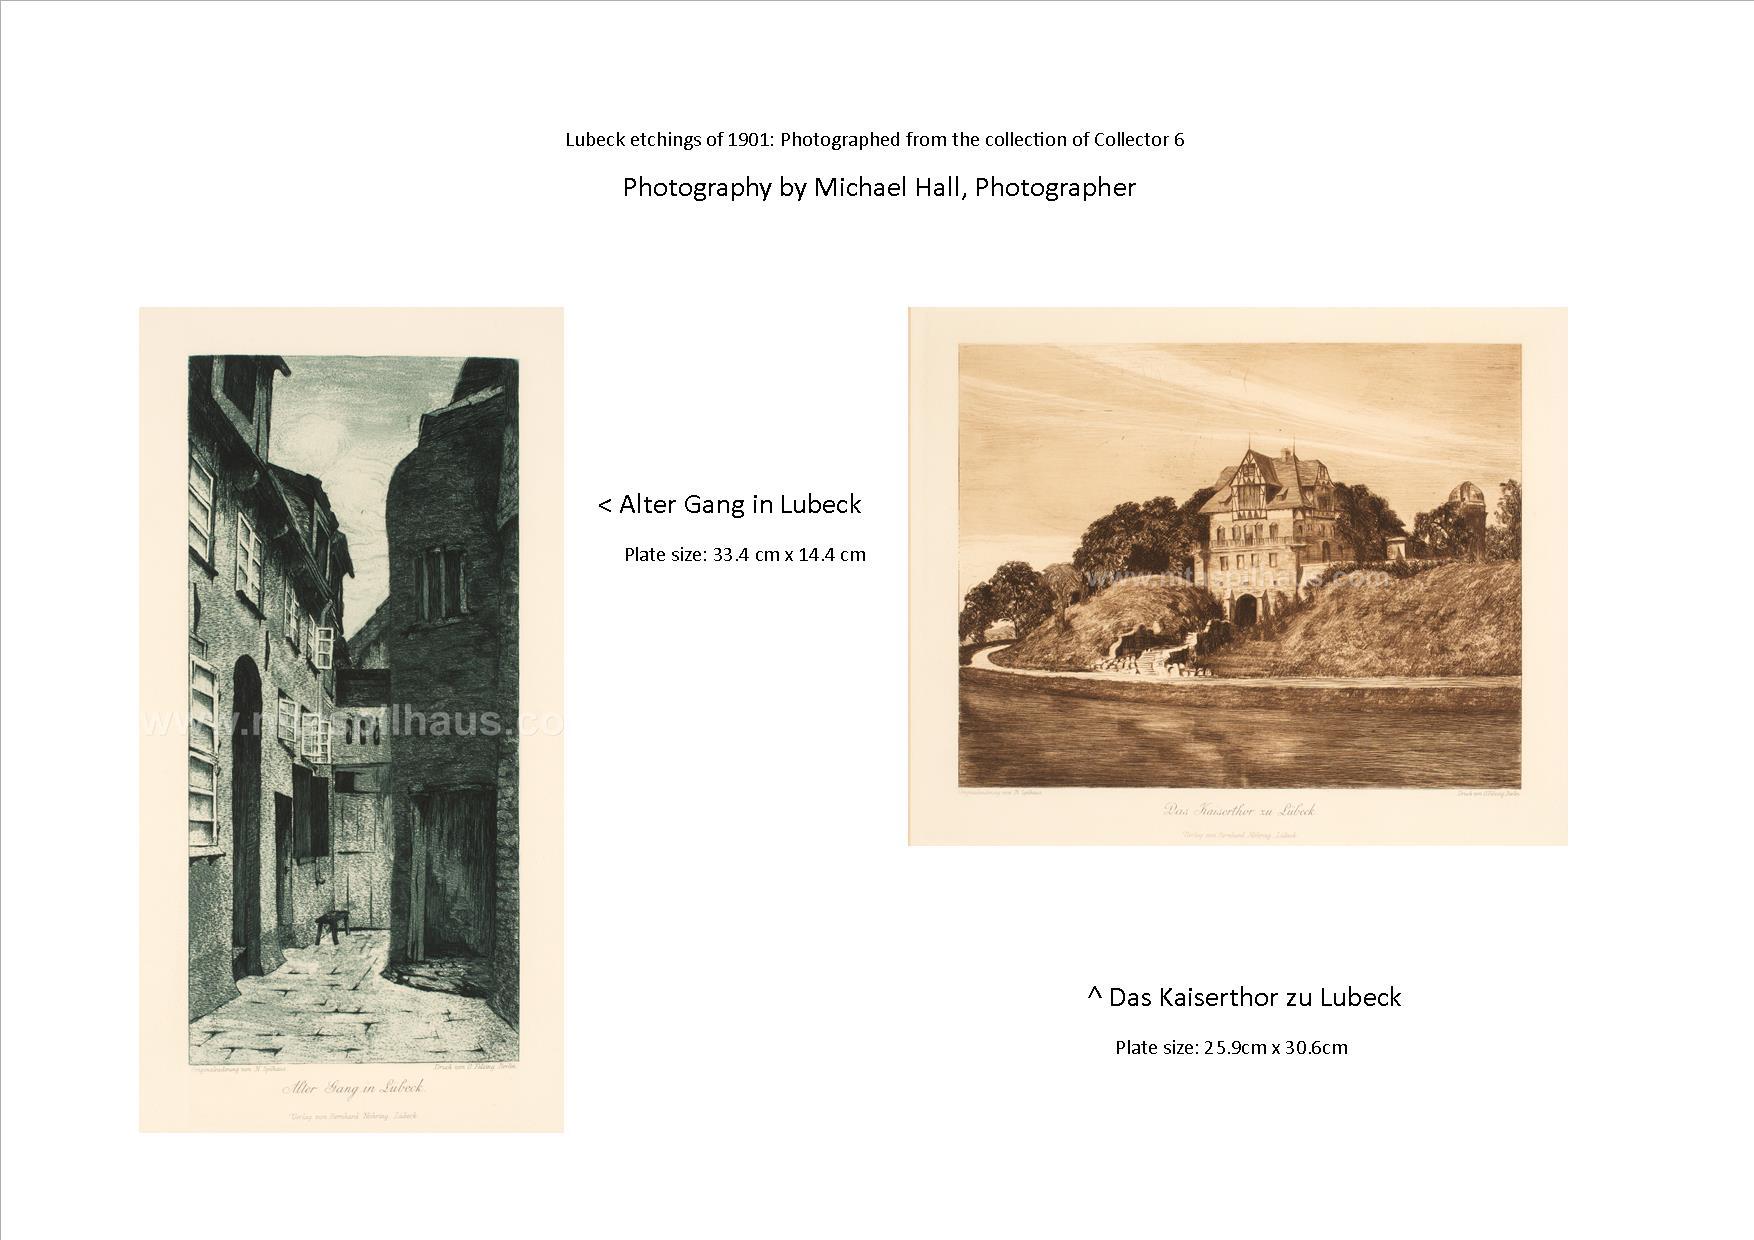 Lubeck Etchings p3.jpg